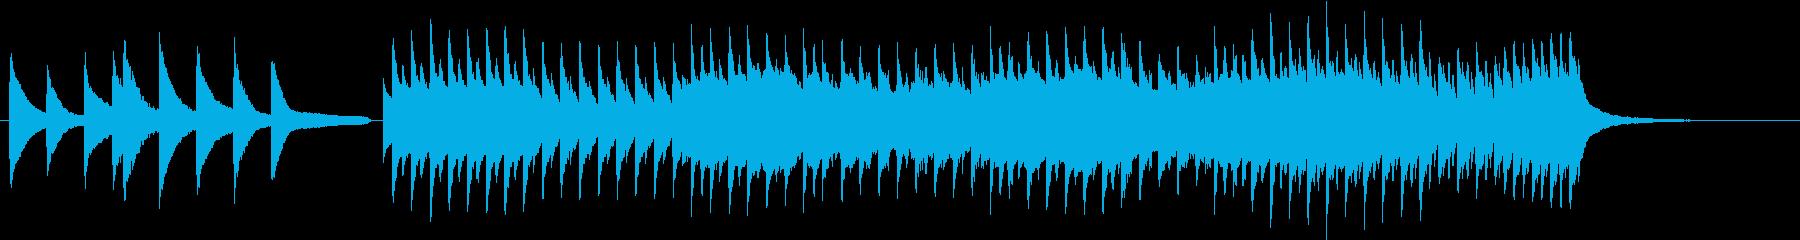 ピアノとバイオリンの軽くて短いBGMの再生済みの波形